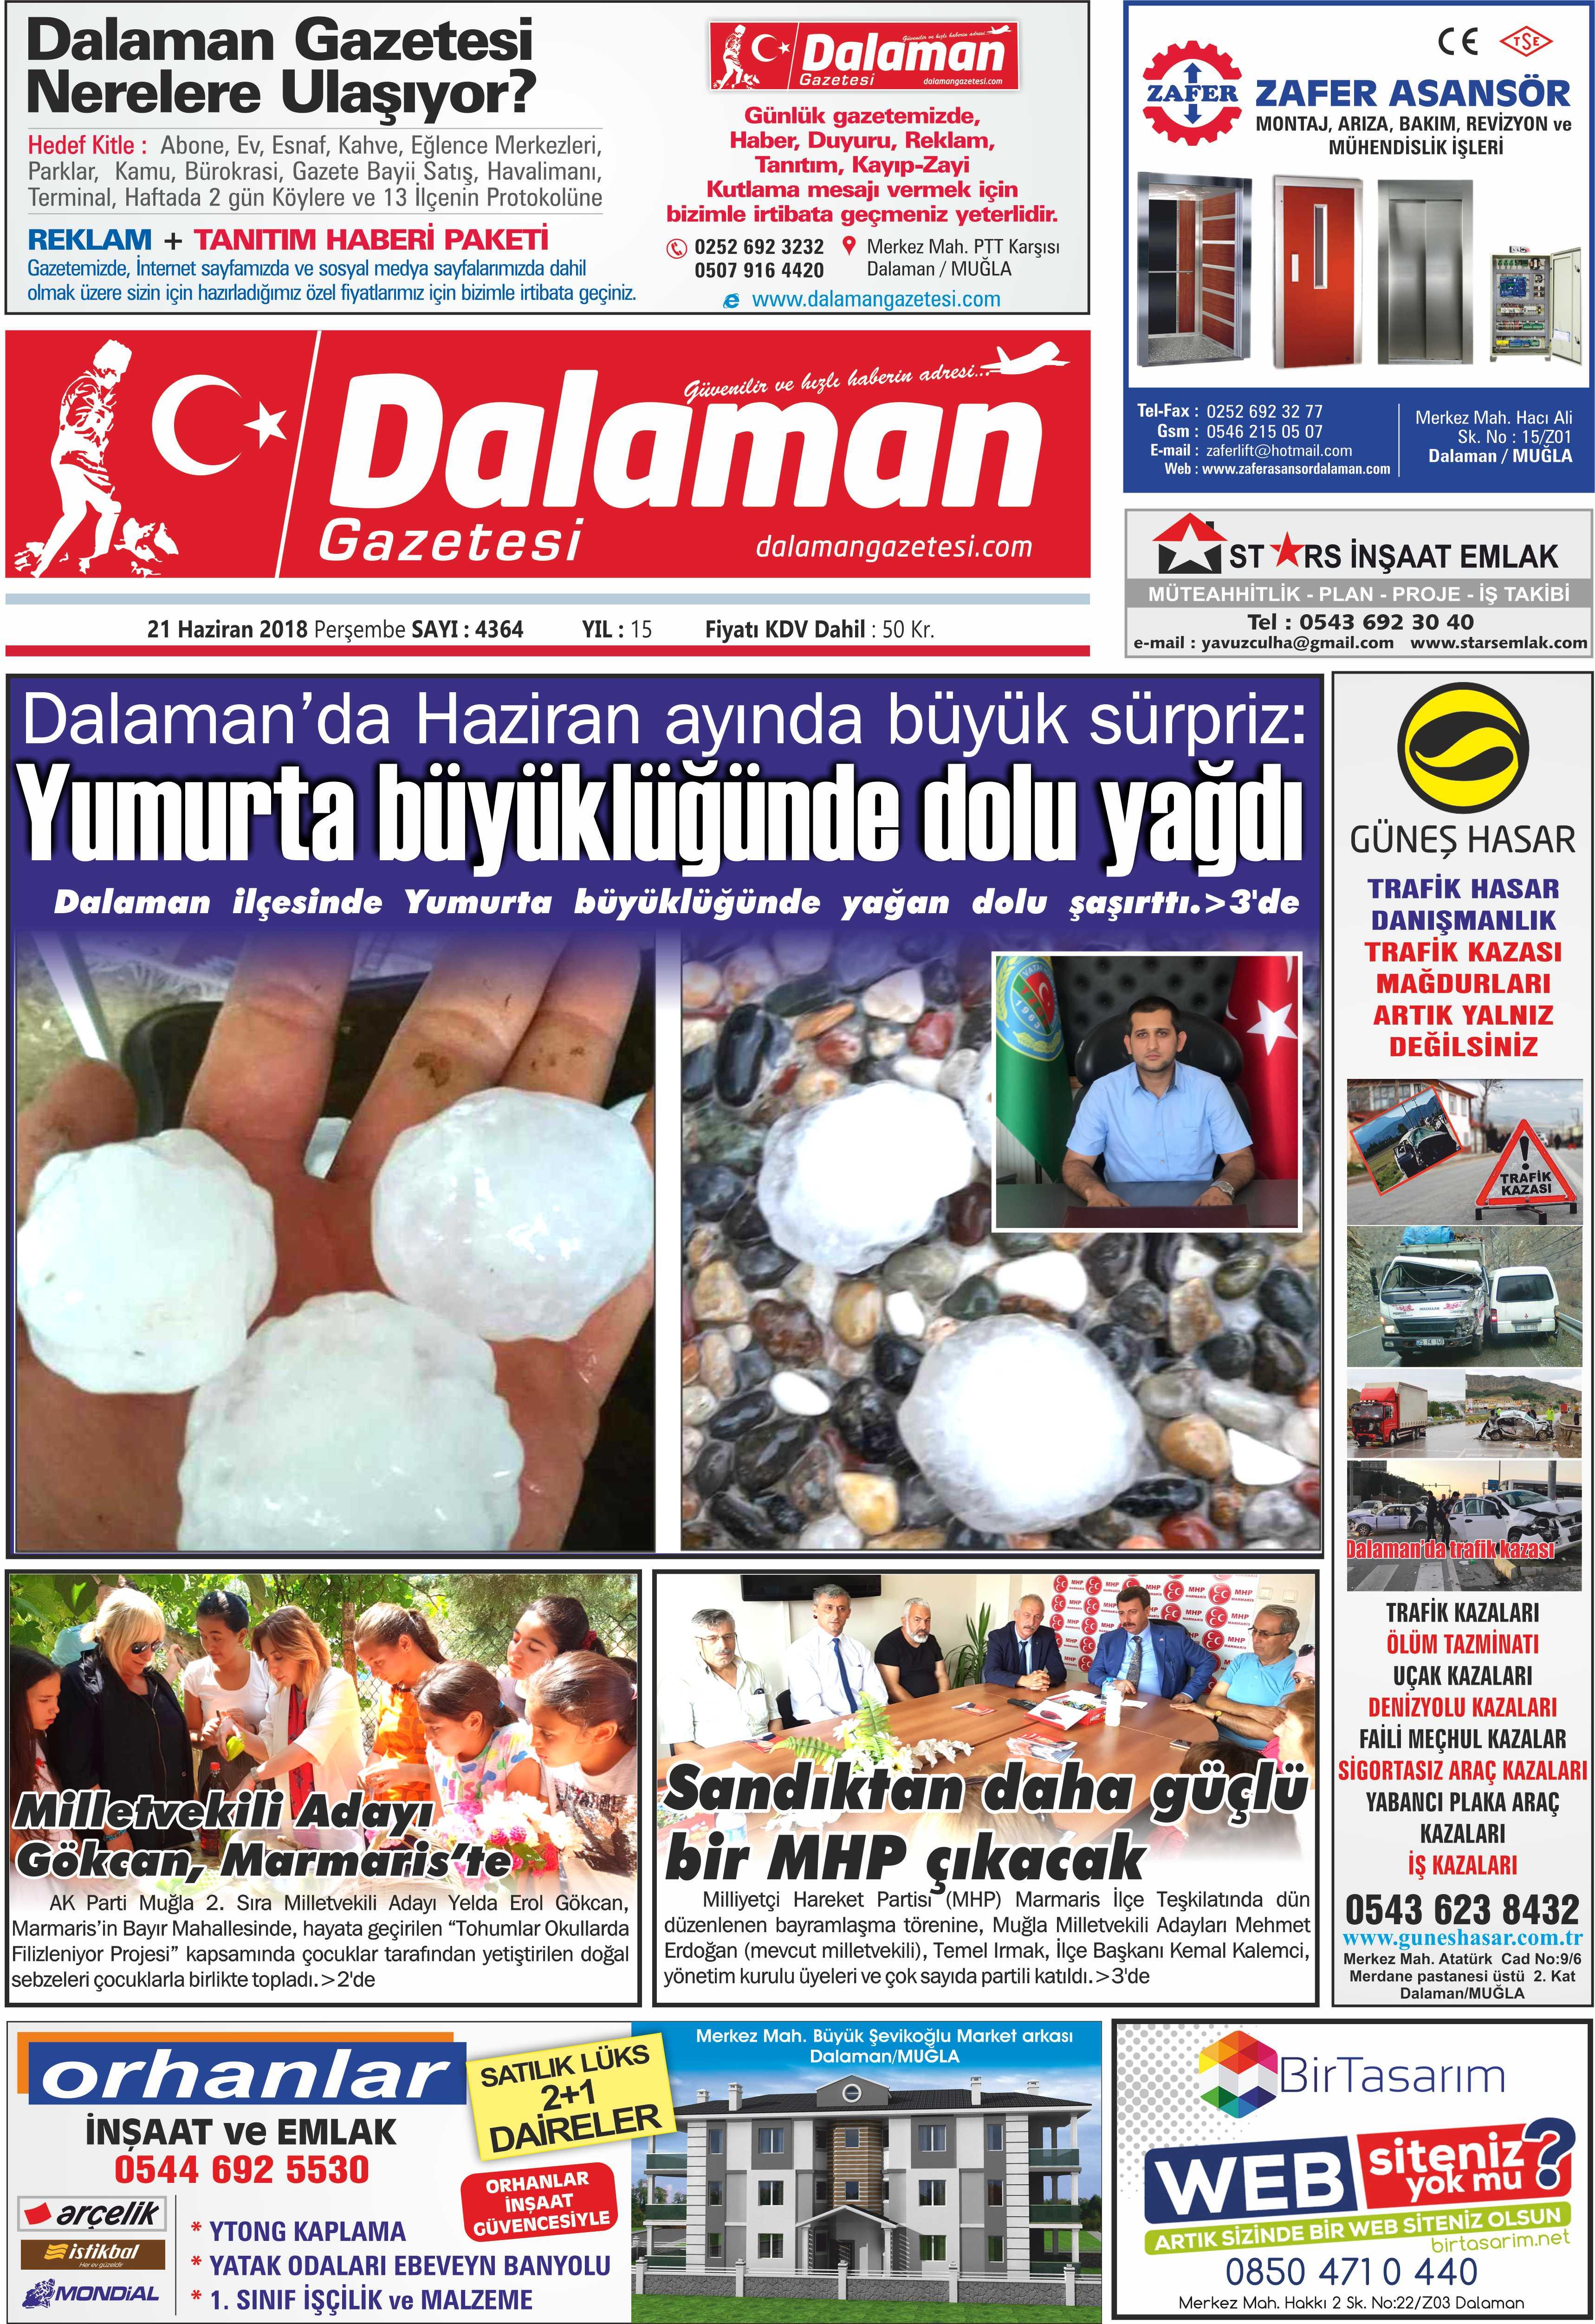 21.06.2018 0 - Dalaman Gazetesi'nden haber başlıkları